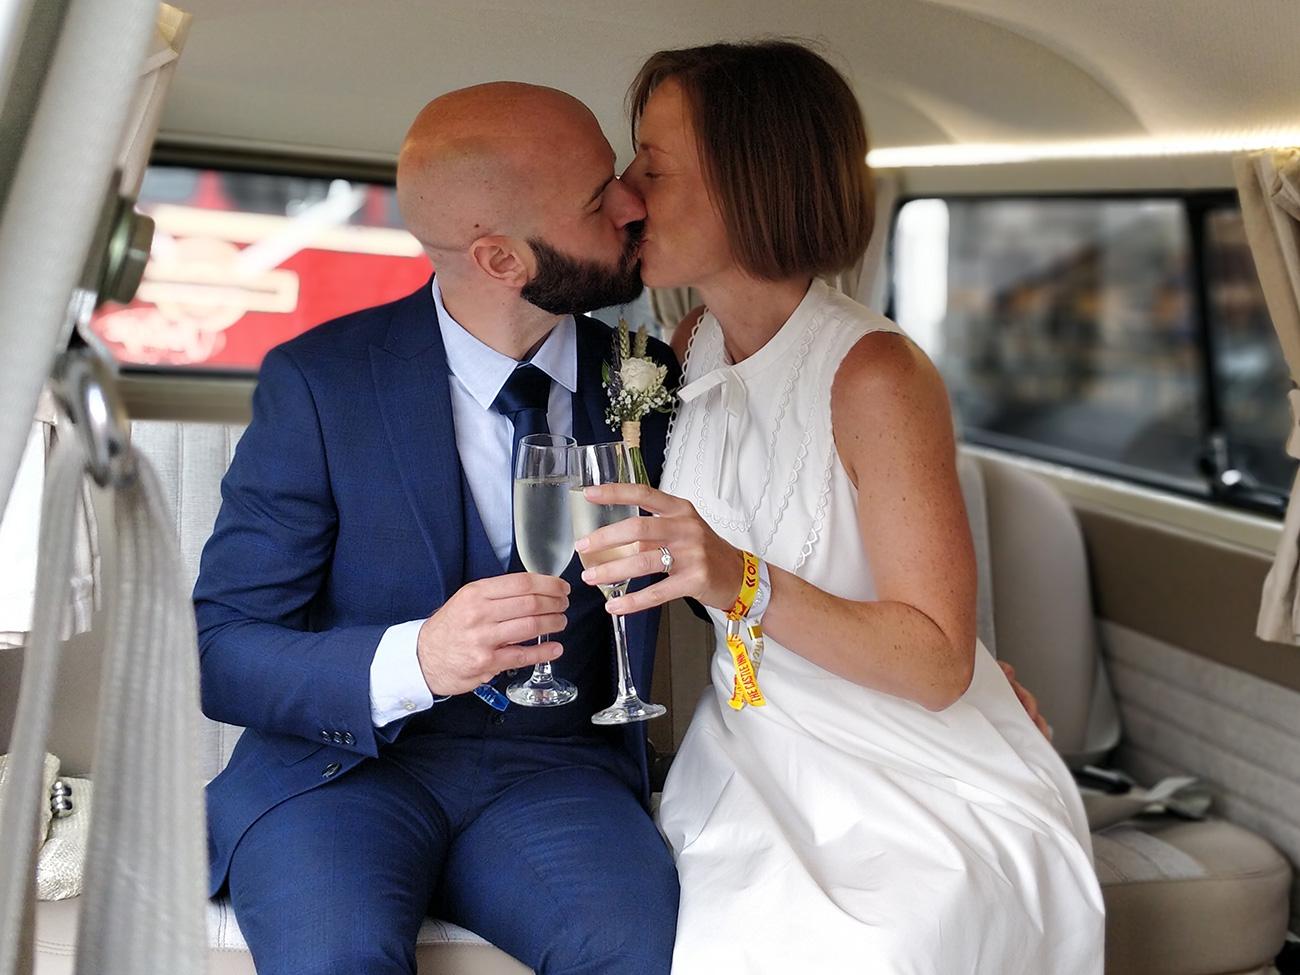 personalised festival wedding wristbands ireland